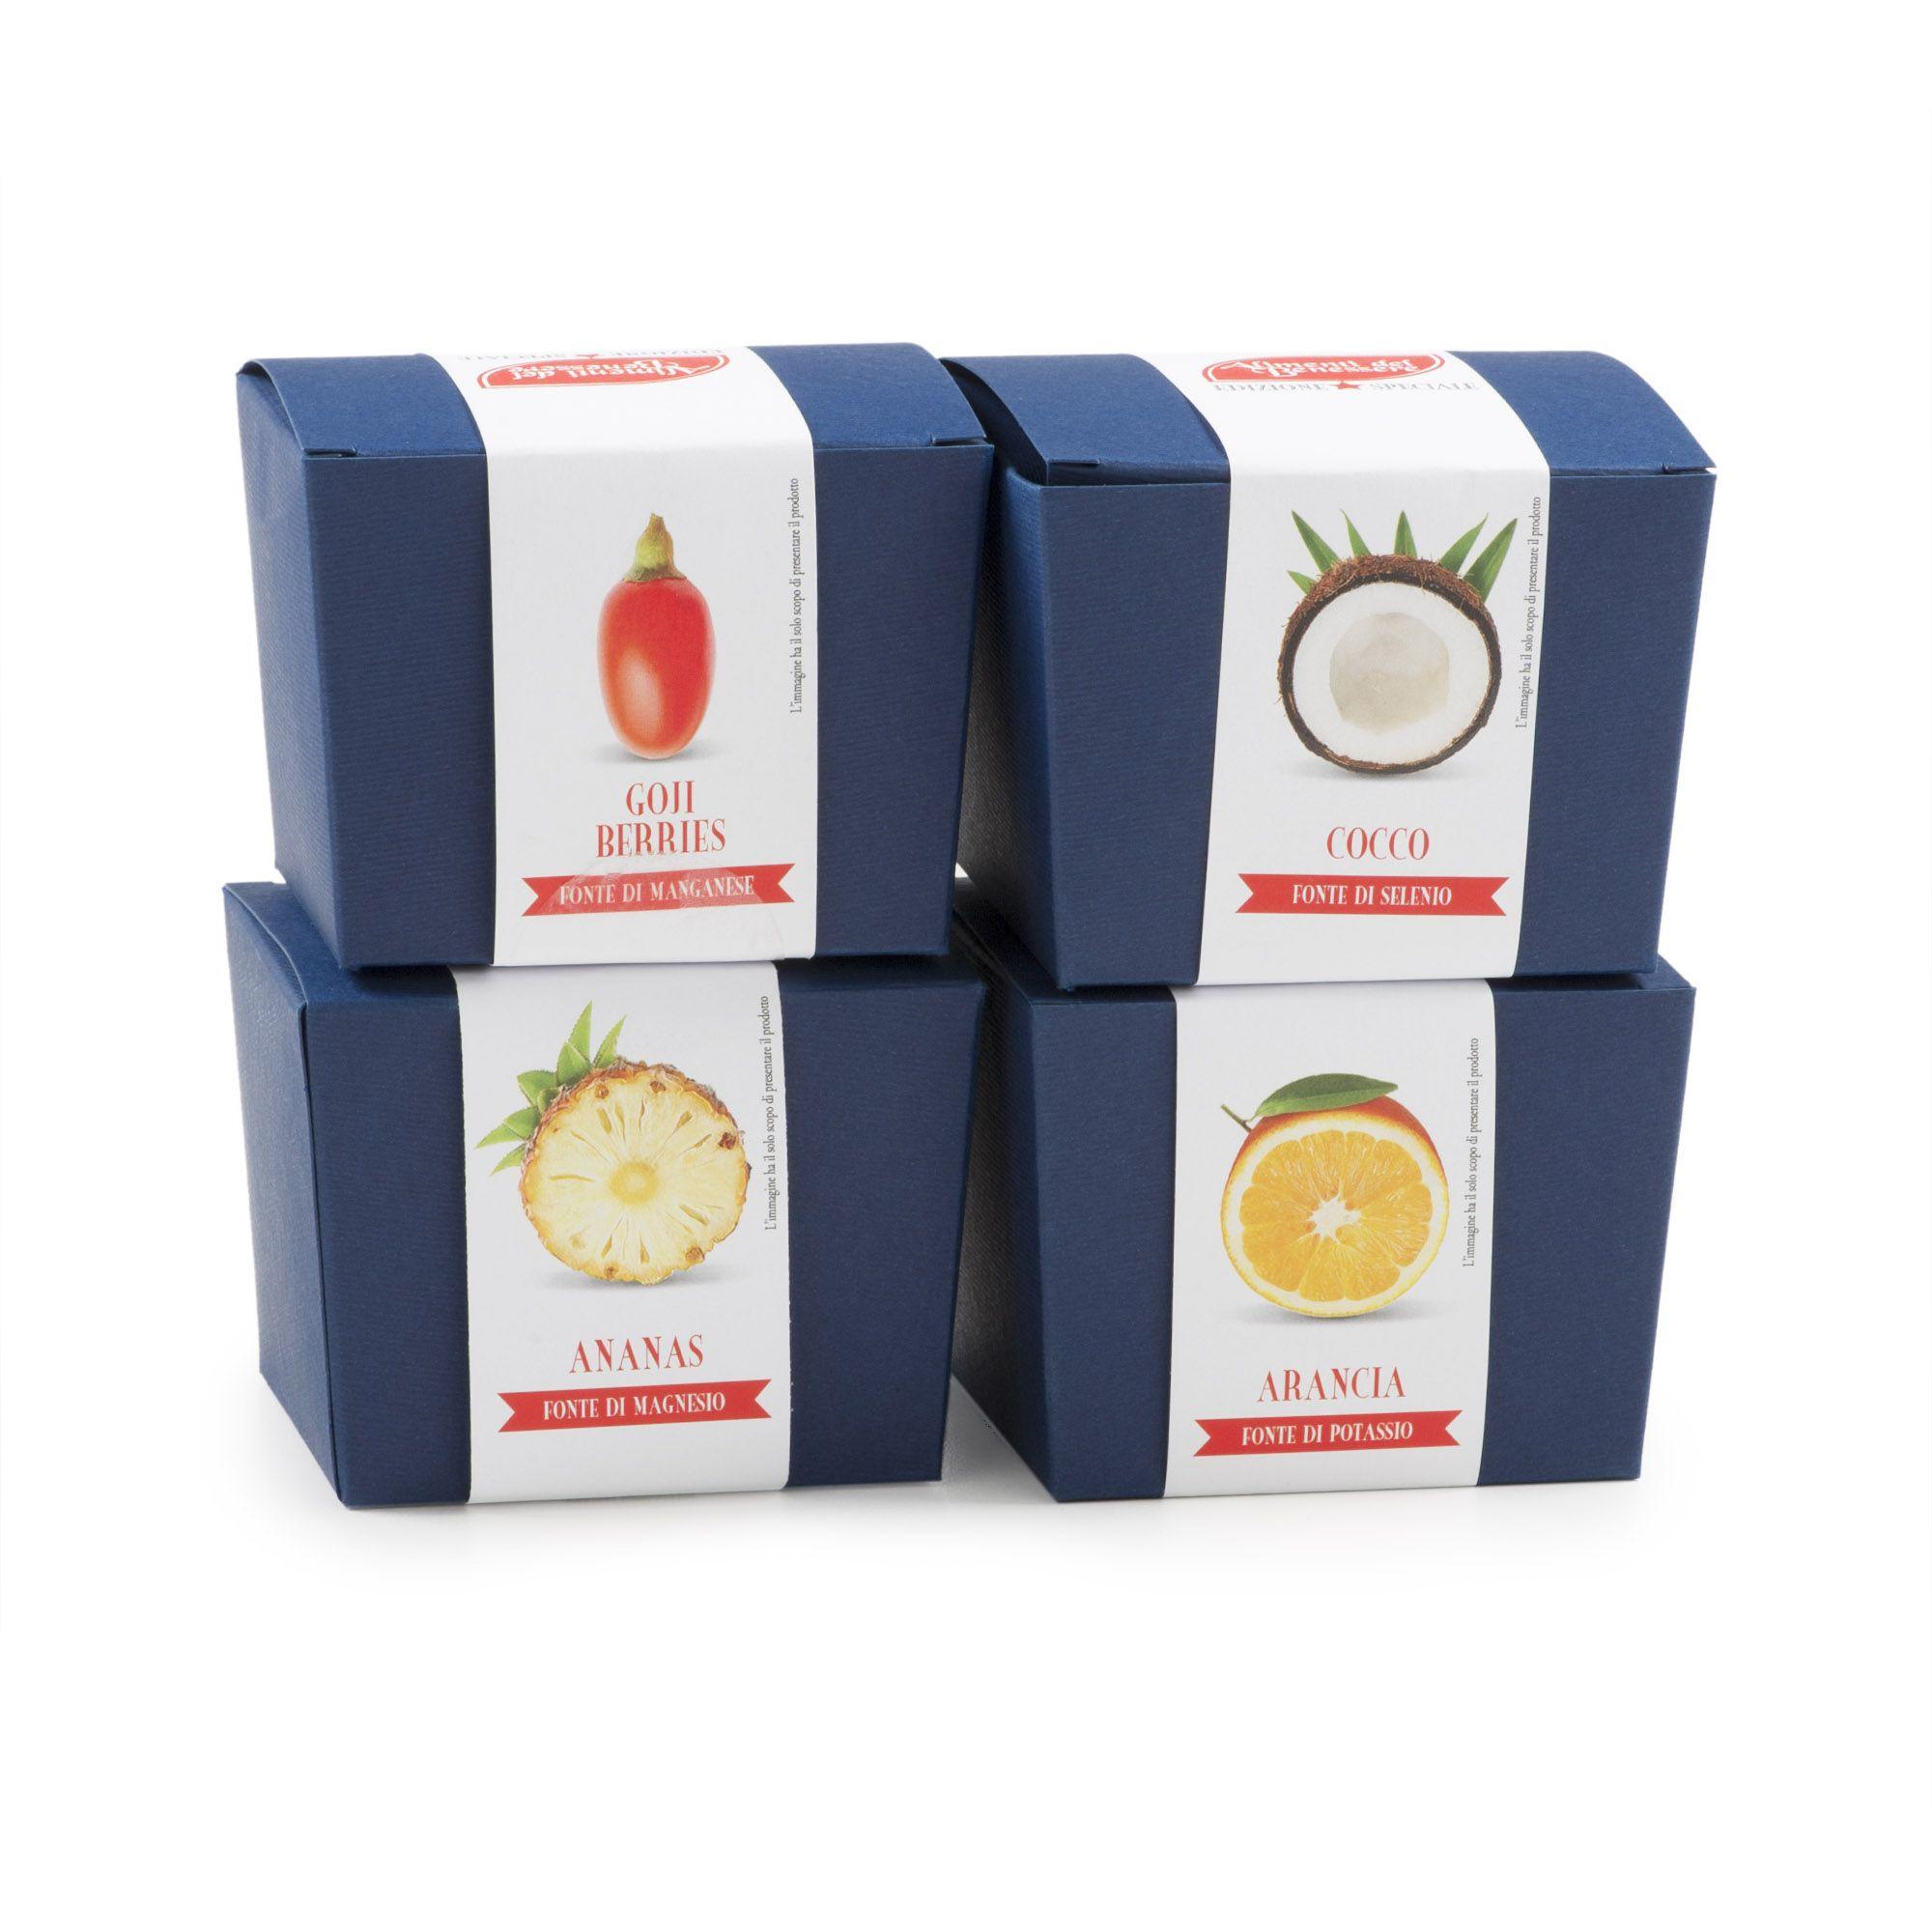 Gli alimenti del benessere frutta disidratata bacche di goji arancia cocco e ananas qvc italia - Qvc marchi cucina ...